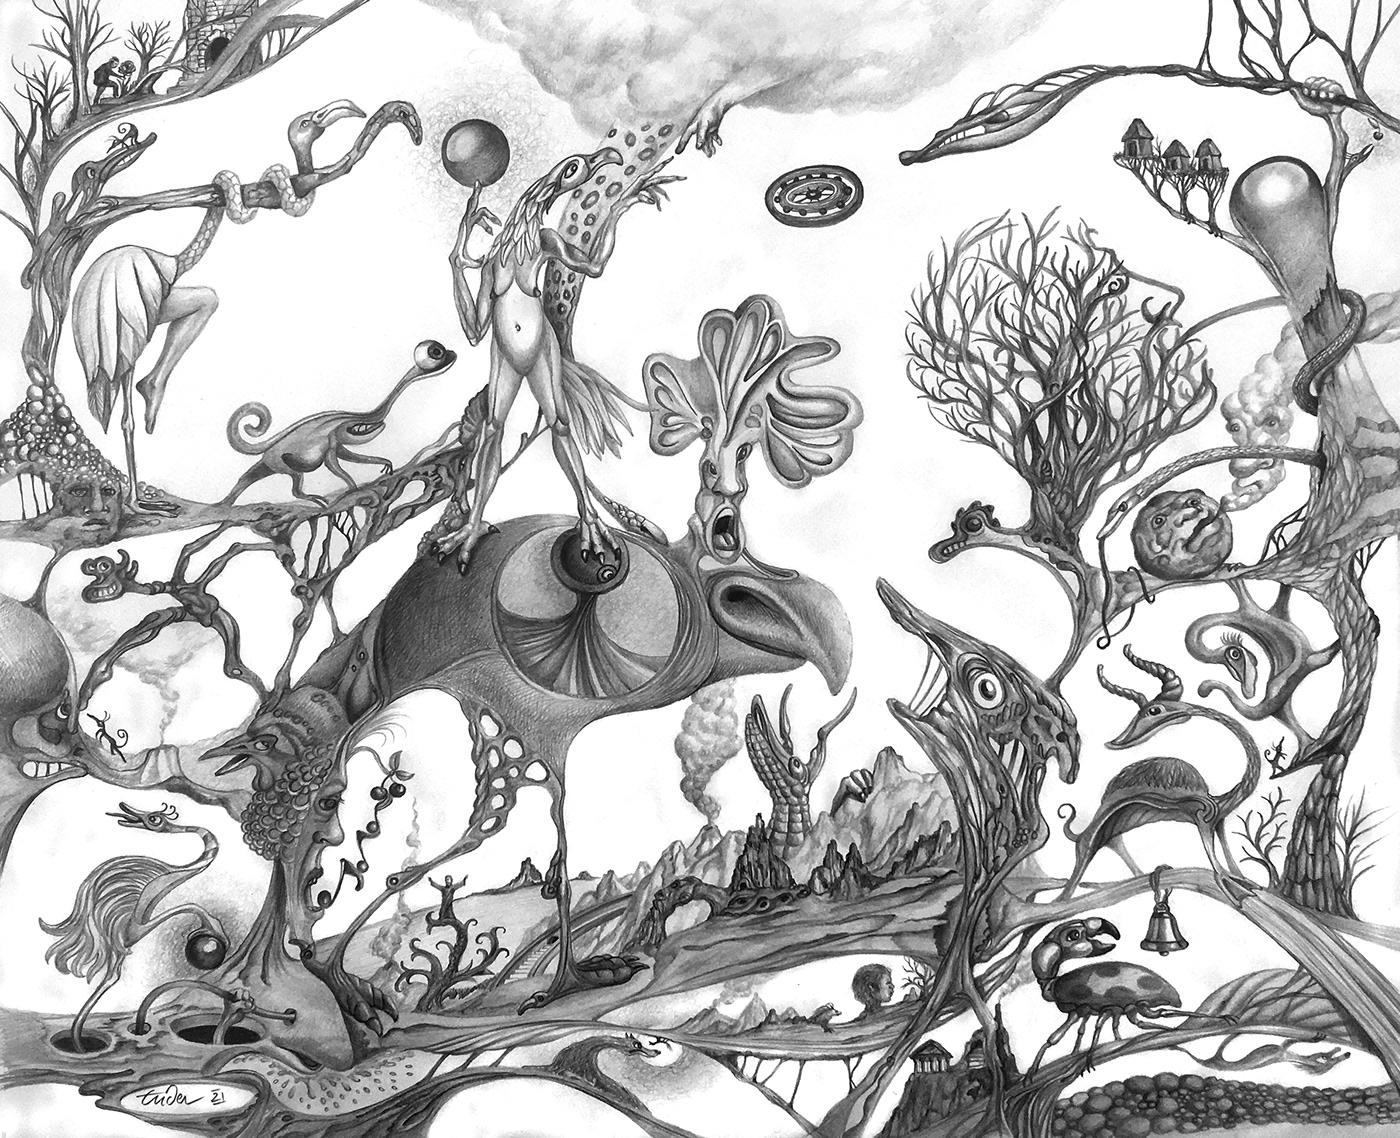 animaux imaginaires crayon dessin Dessin au crayon ILLUSTRATION  imaginaire noir et blanc Surrealisme surrealiste fantastique